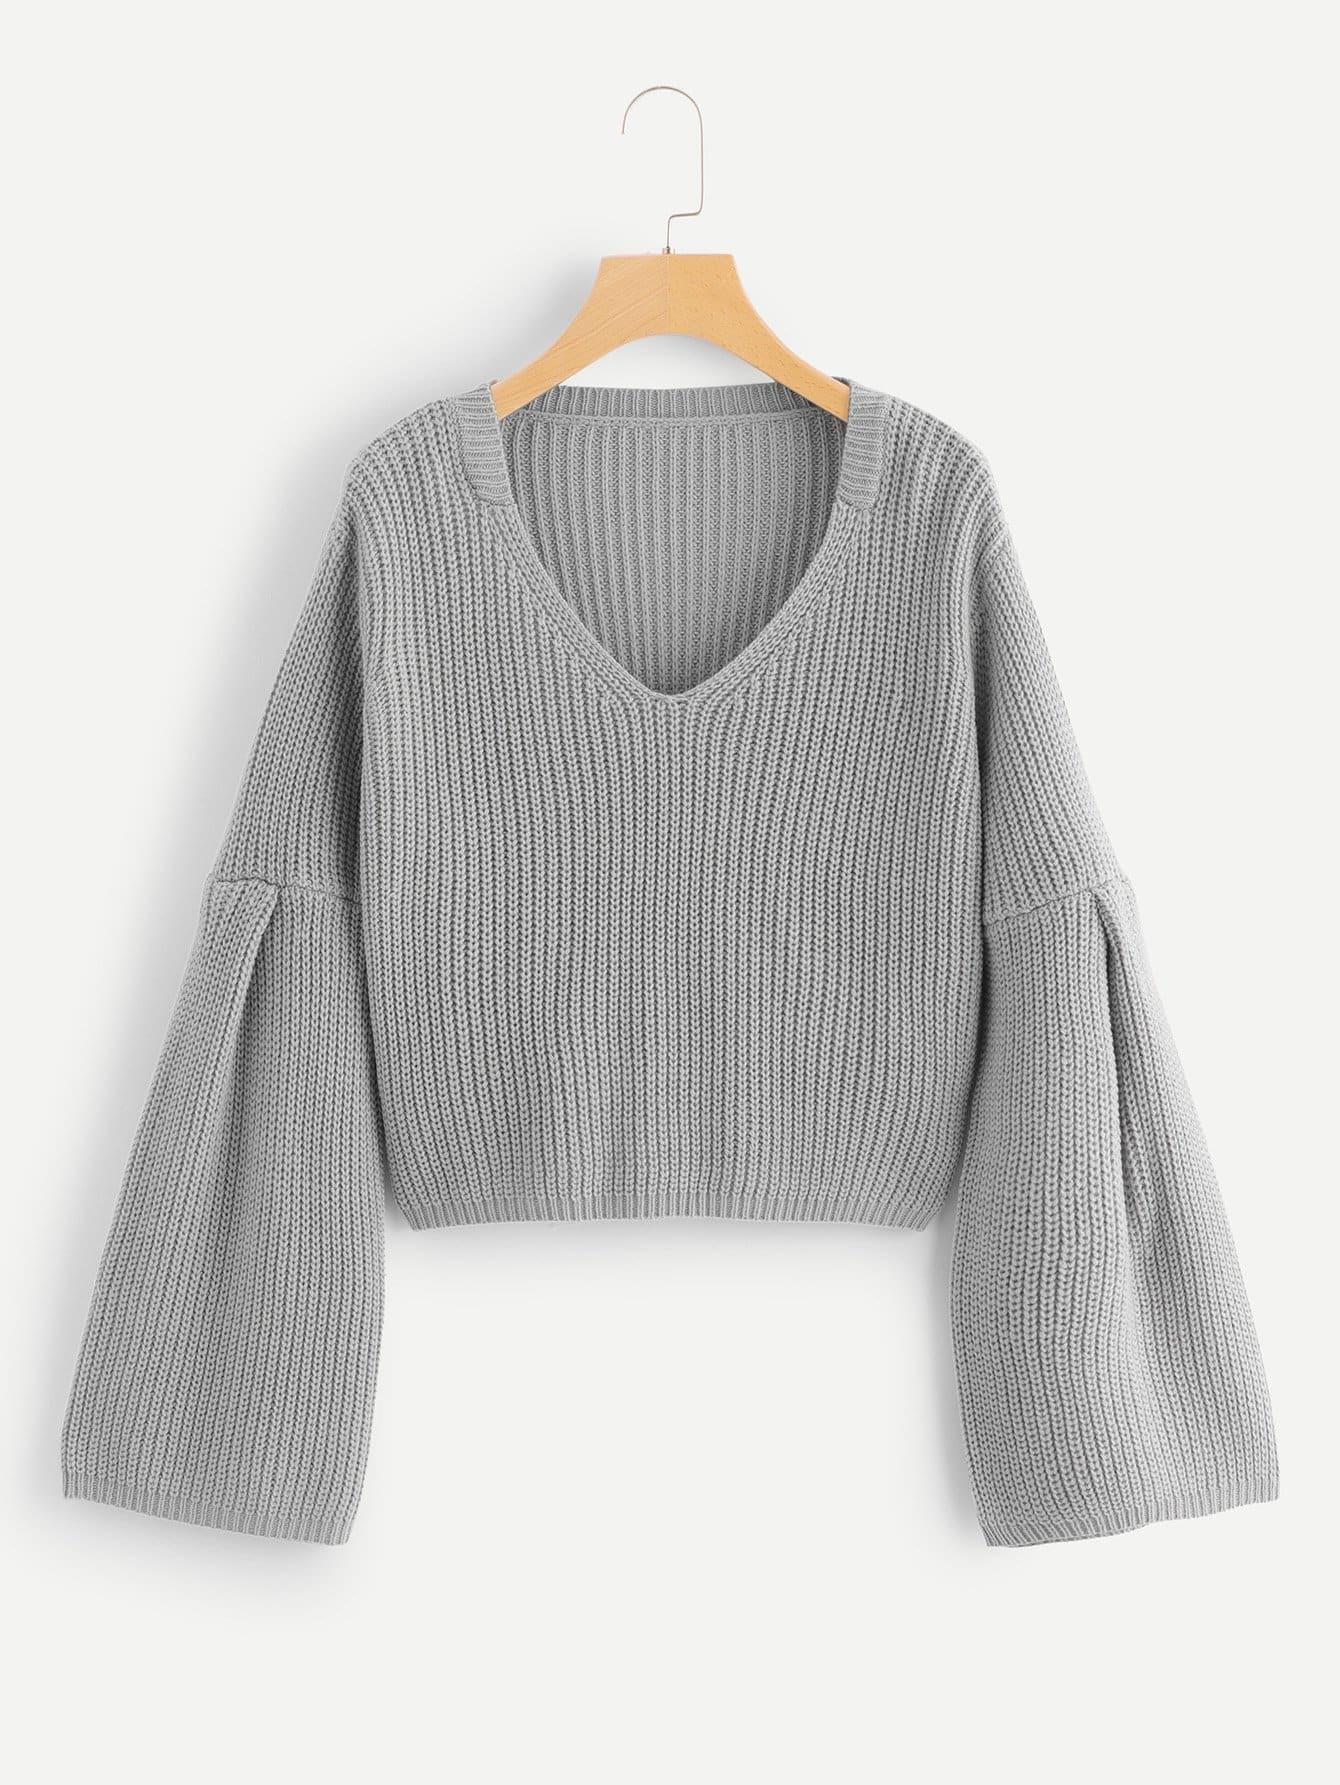 Pullover mit Schößchensaum auf den Ärmeln und V Ausschnitt